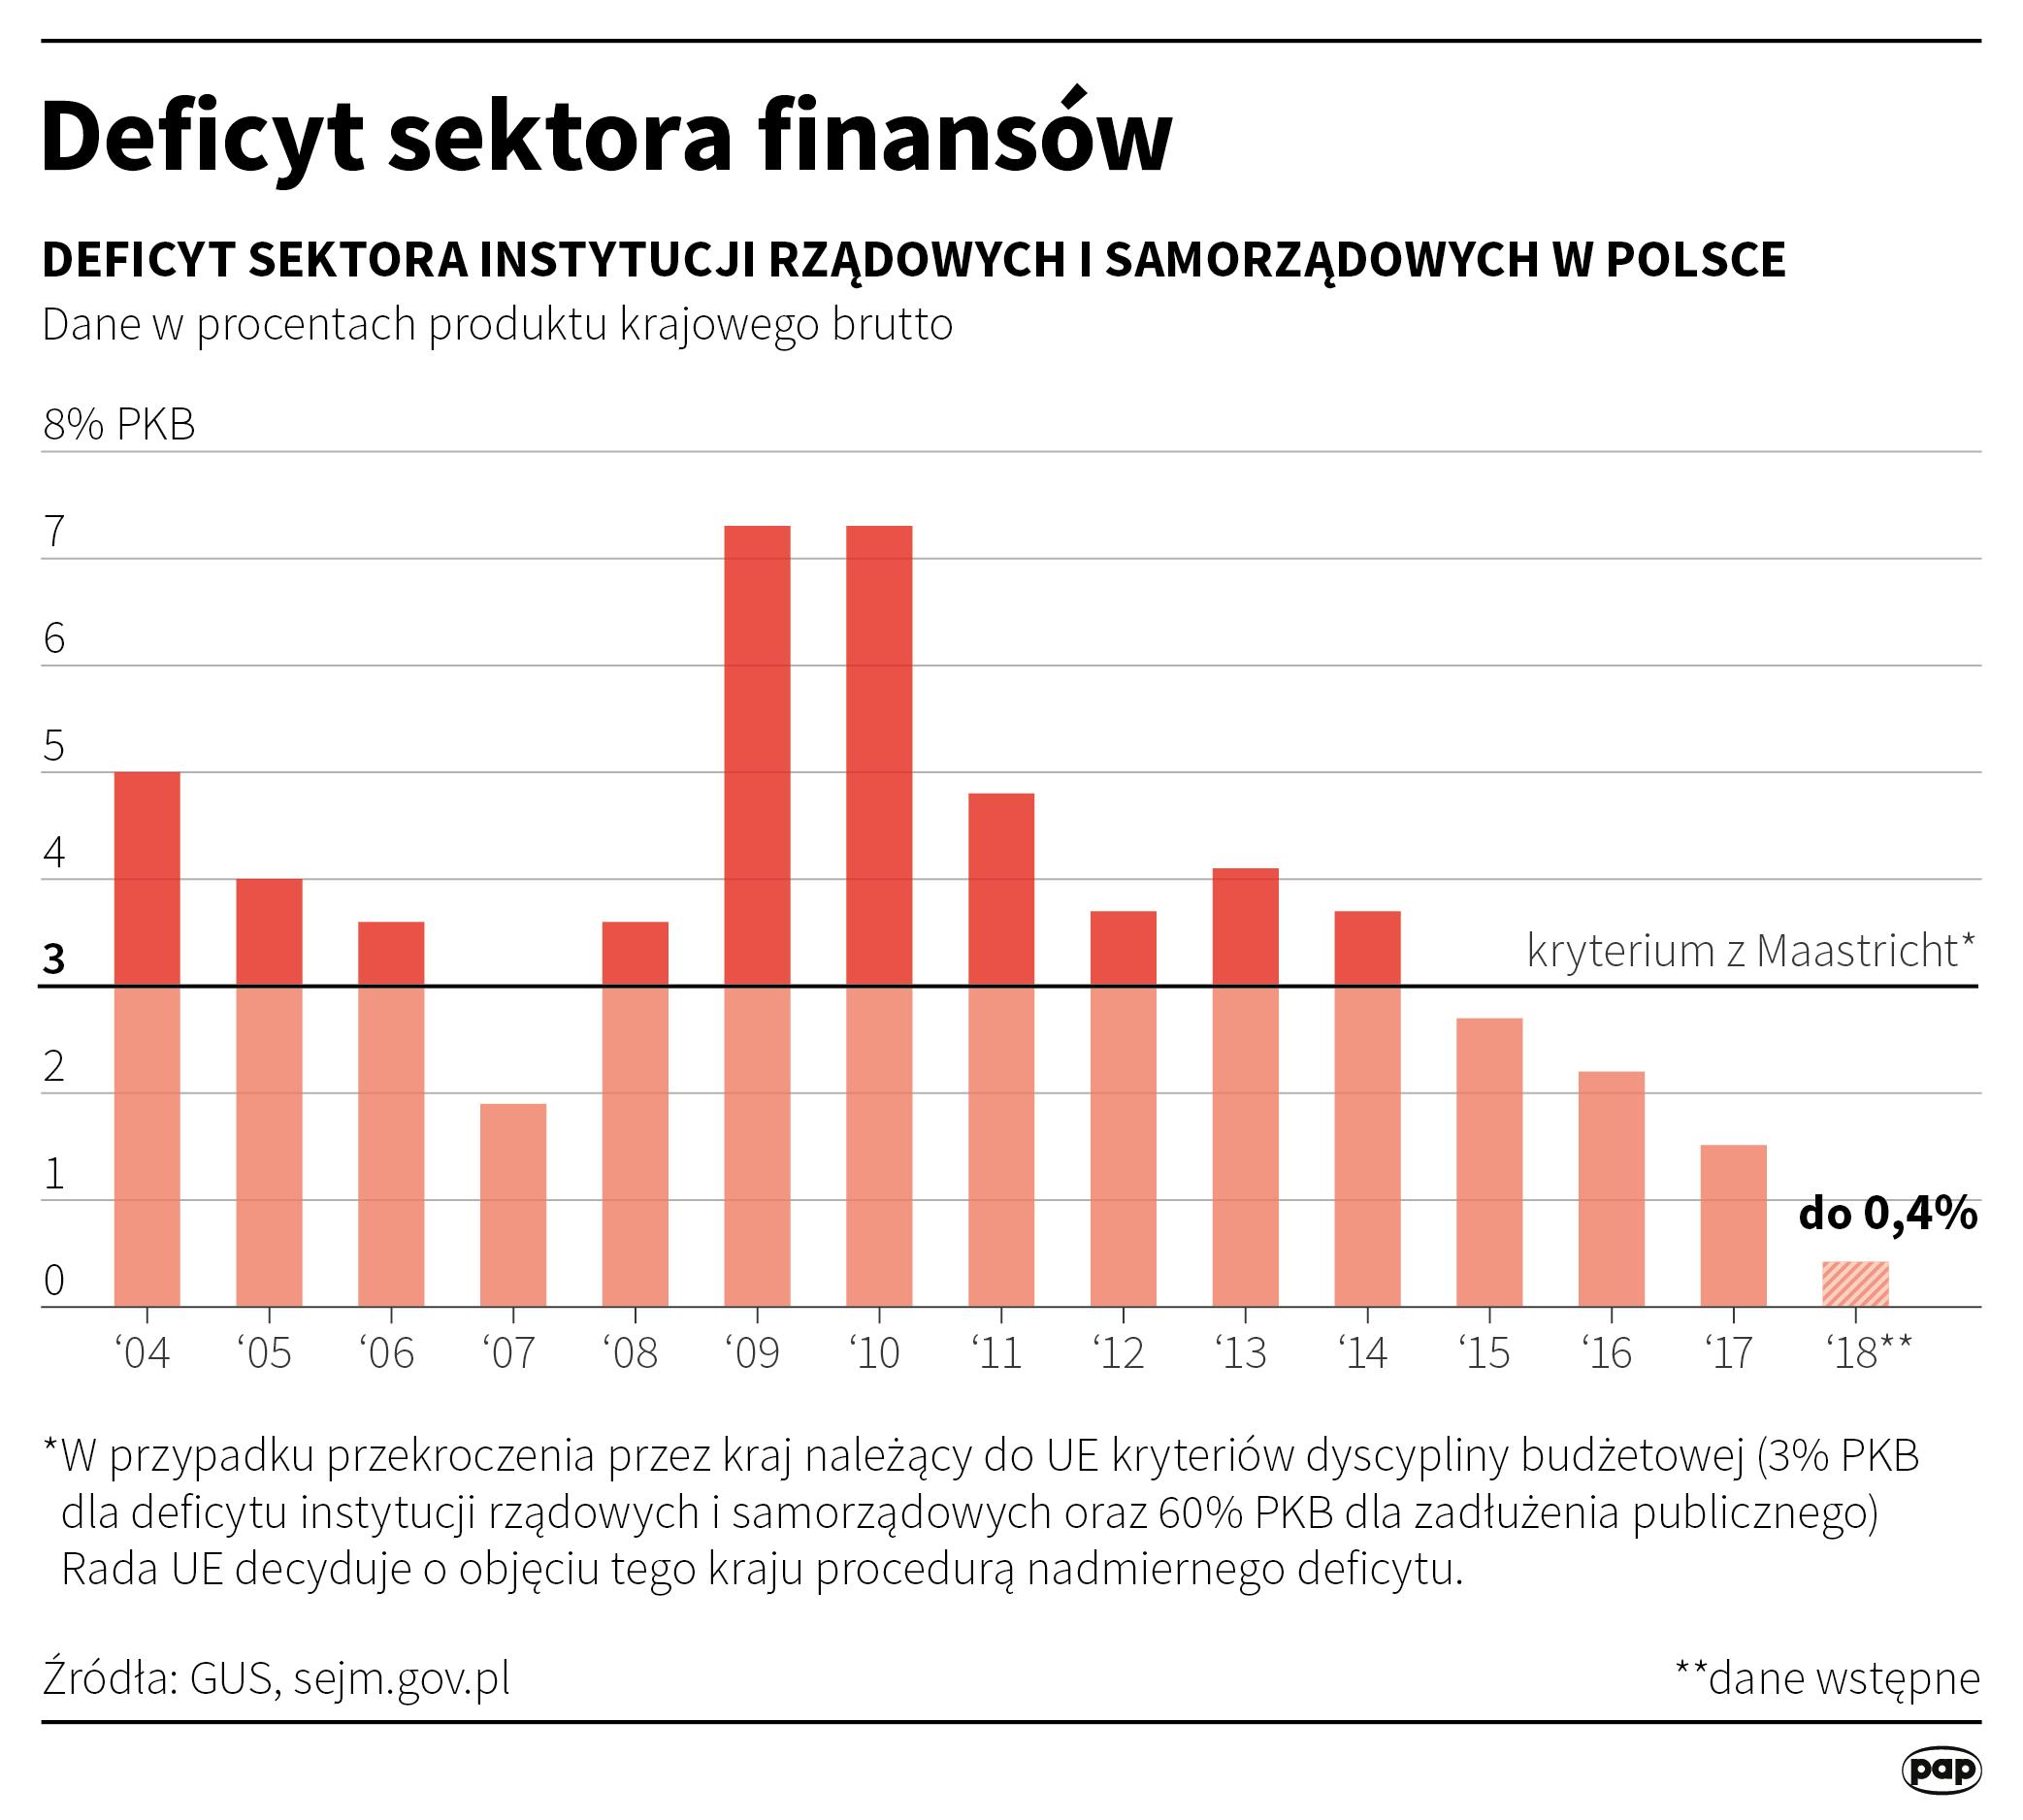 Polska spełnia tzw. kryterium z Maastricht od 2015 roku